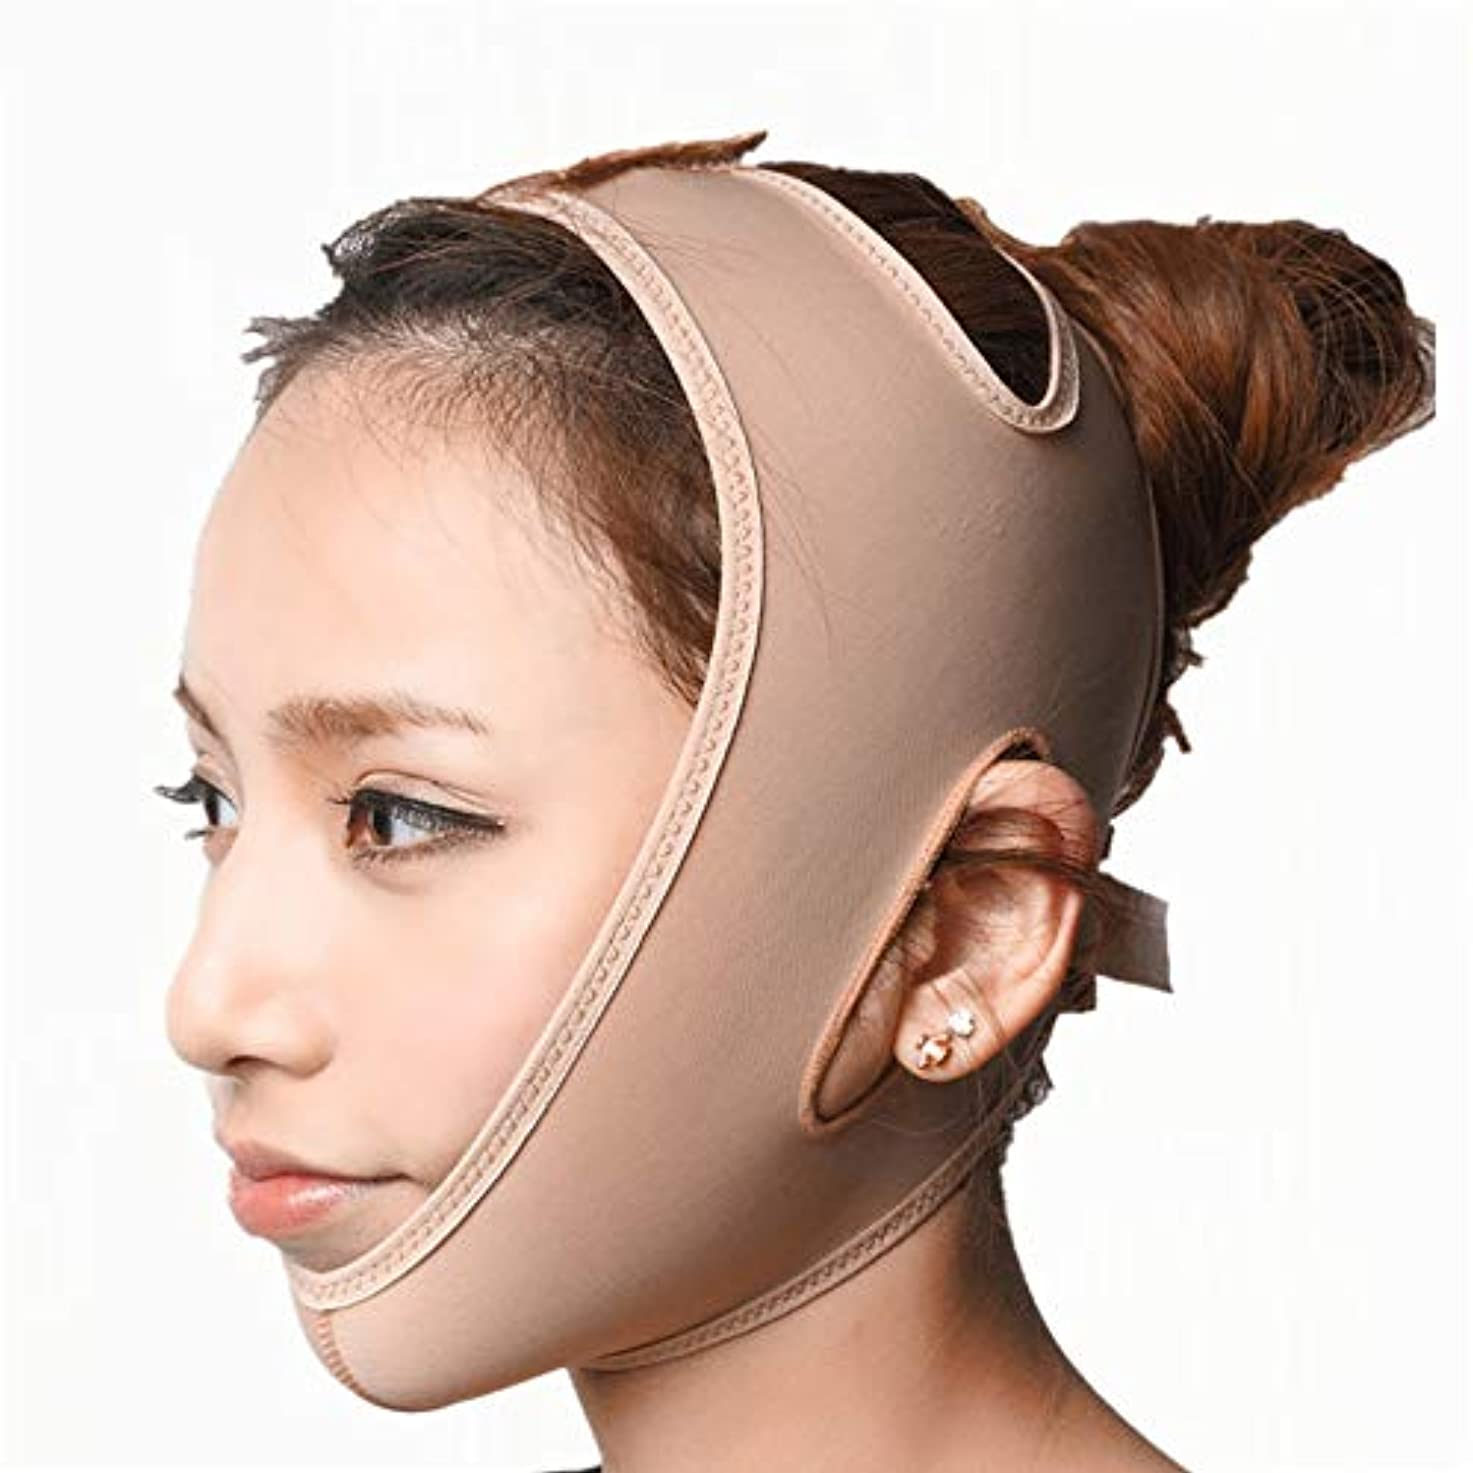 シャンプー埋め込むチャーター飛強強 顔の持ち上がる痩身ベルト - アンチエイジングリンクルフェイスマスクベルトシンフェイス包帯整形マスクは顔と首を締めますフェイススリム スリムフィット美容ツール (Size : L)